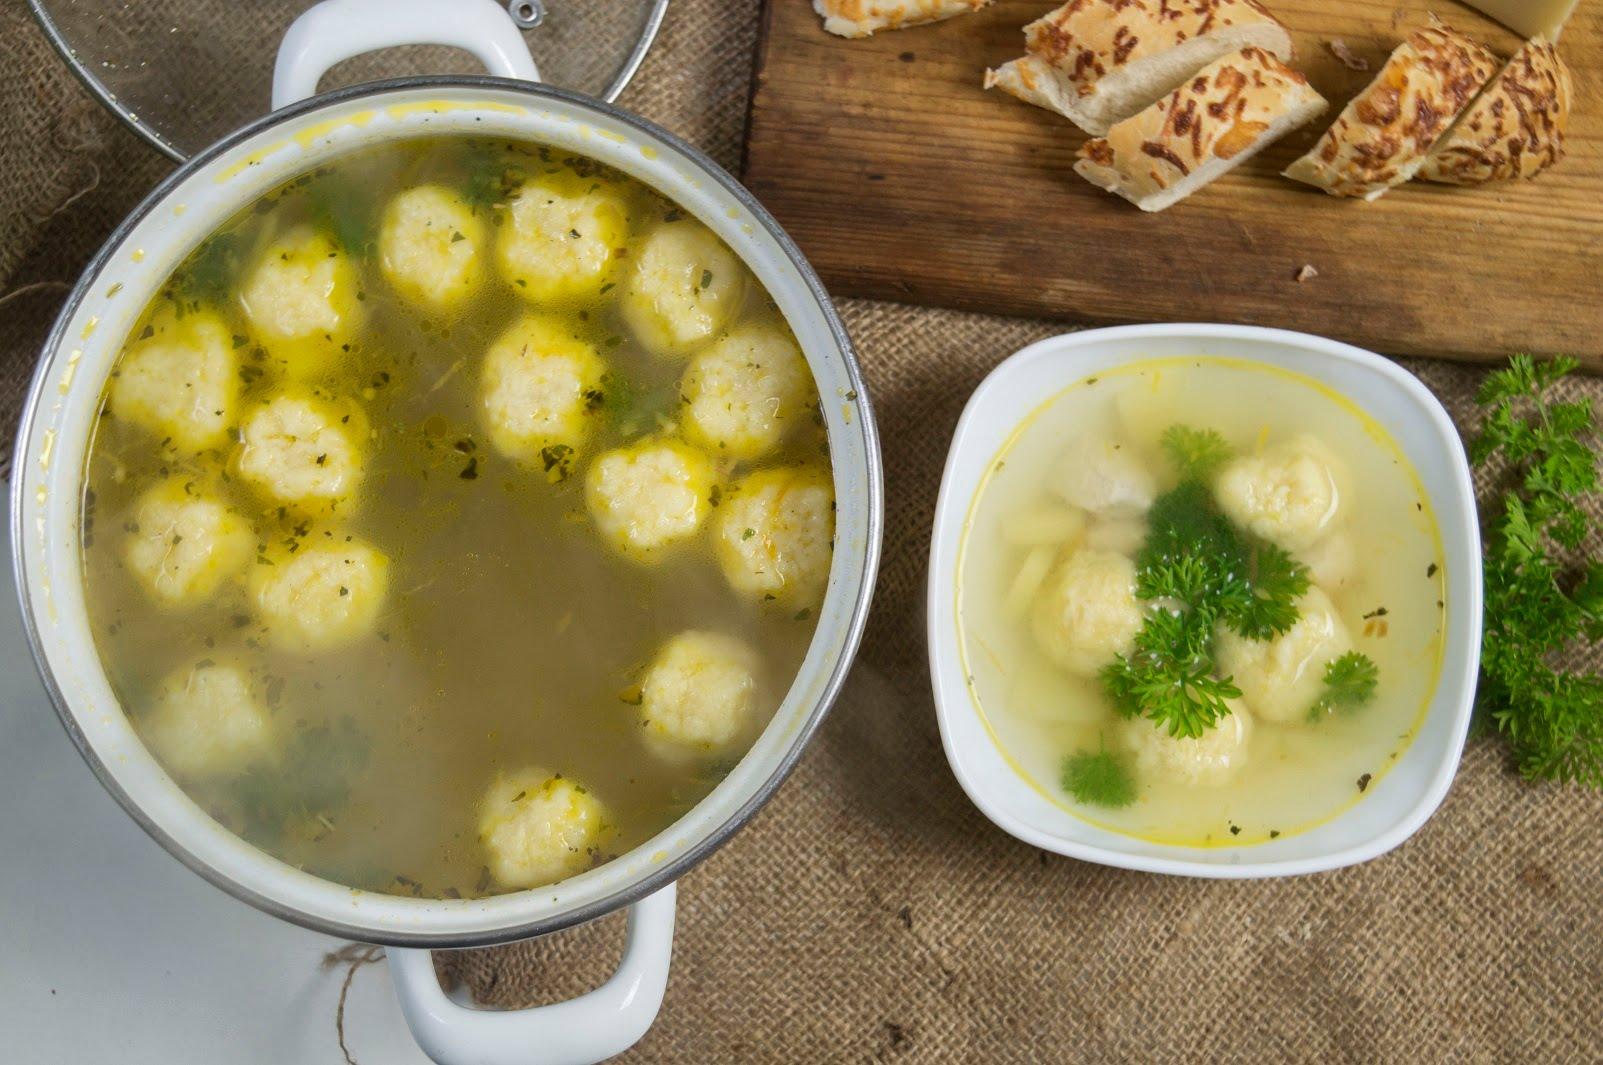 суп с галушками фото рецепт приготовления свежие новости